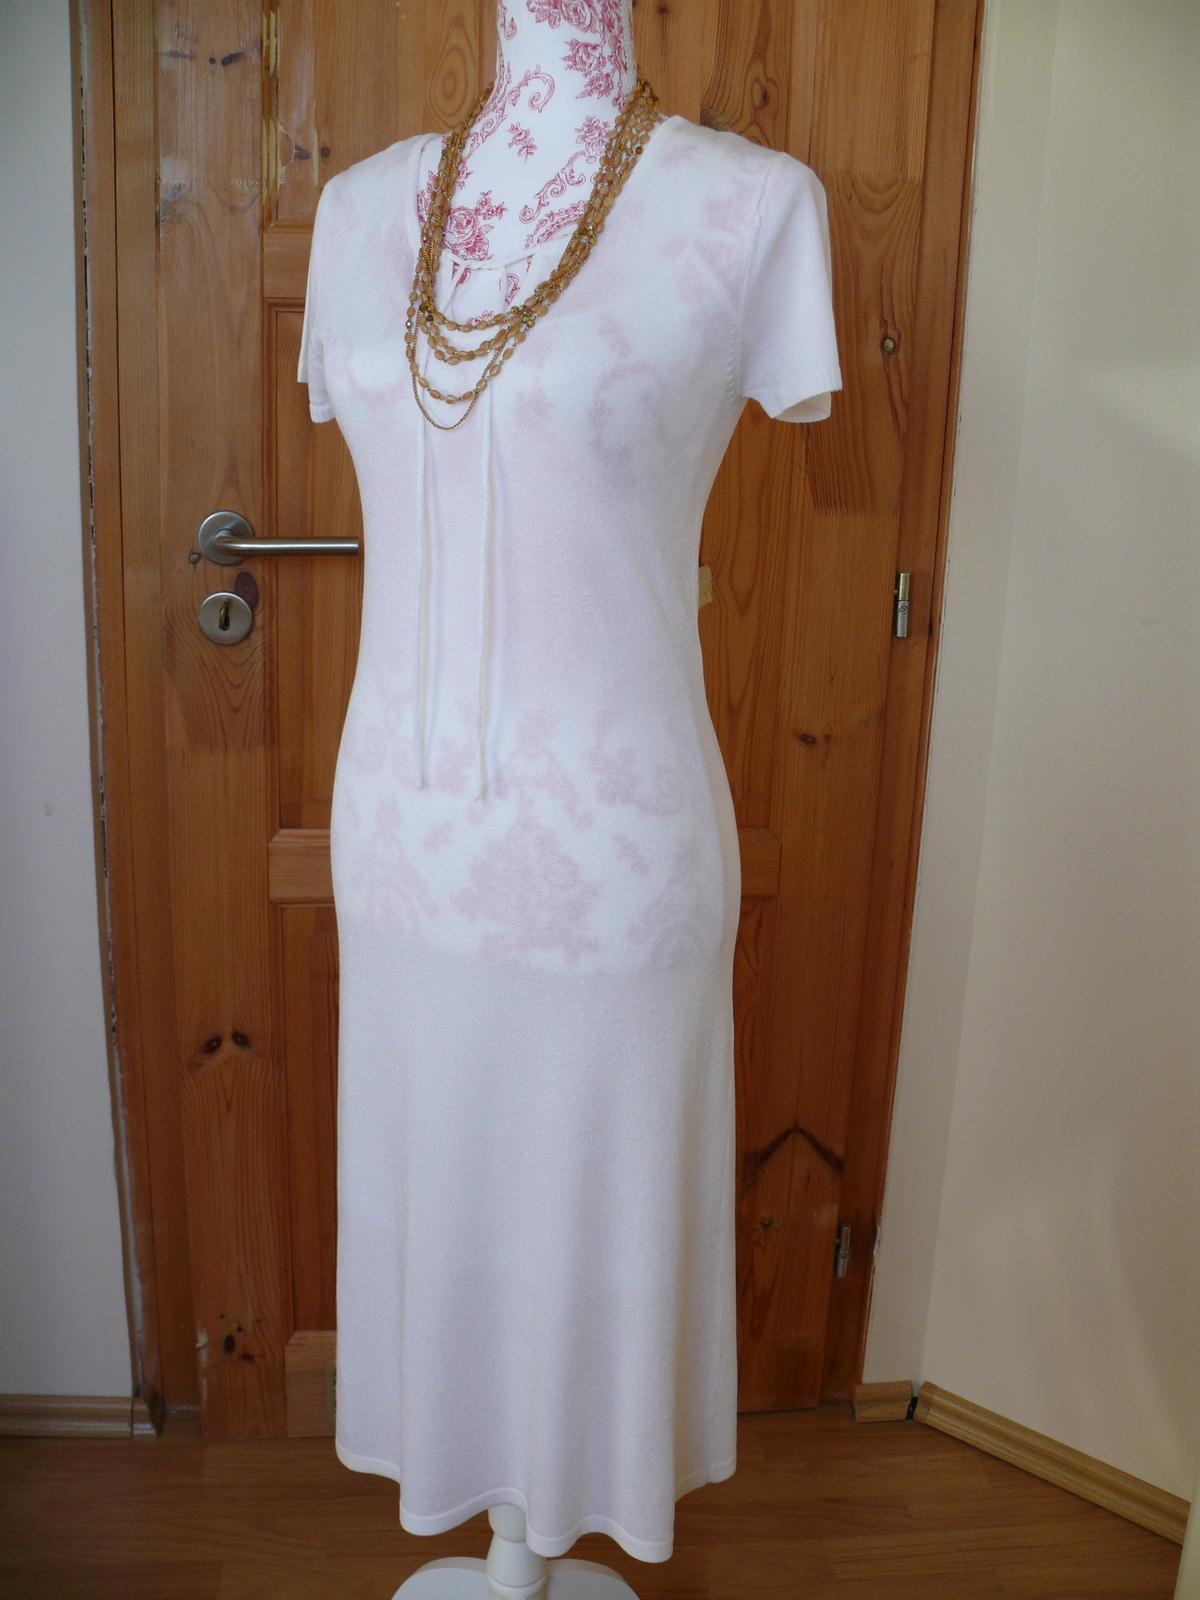 Elastické šaty - Obrázek č. 1